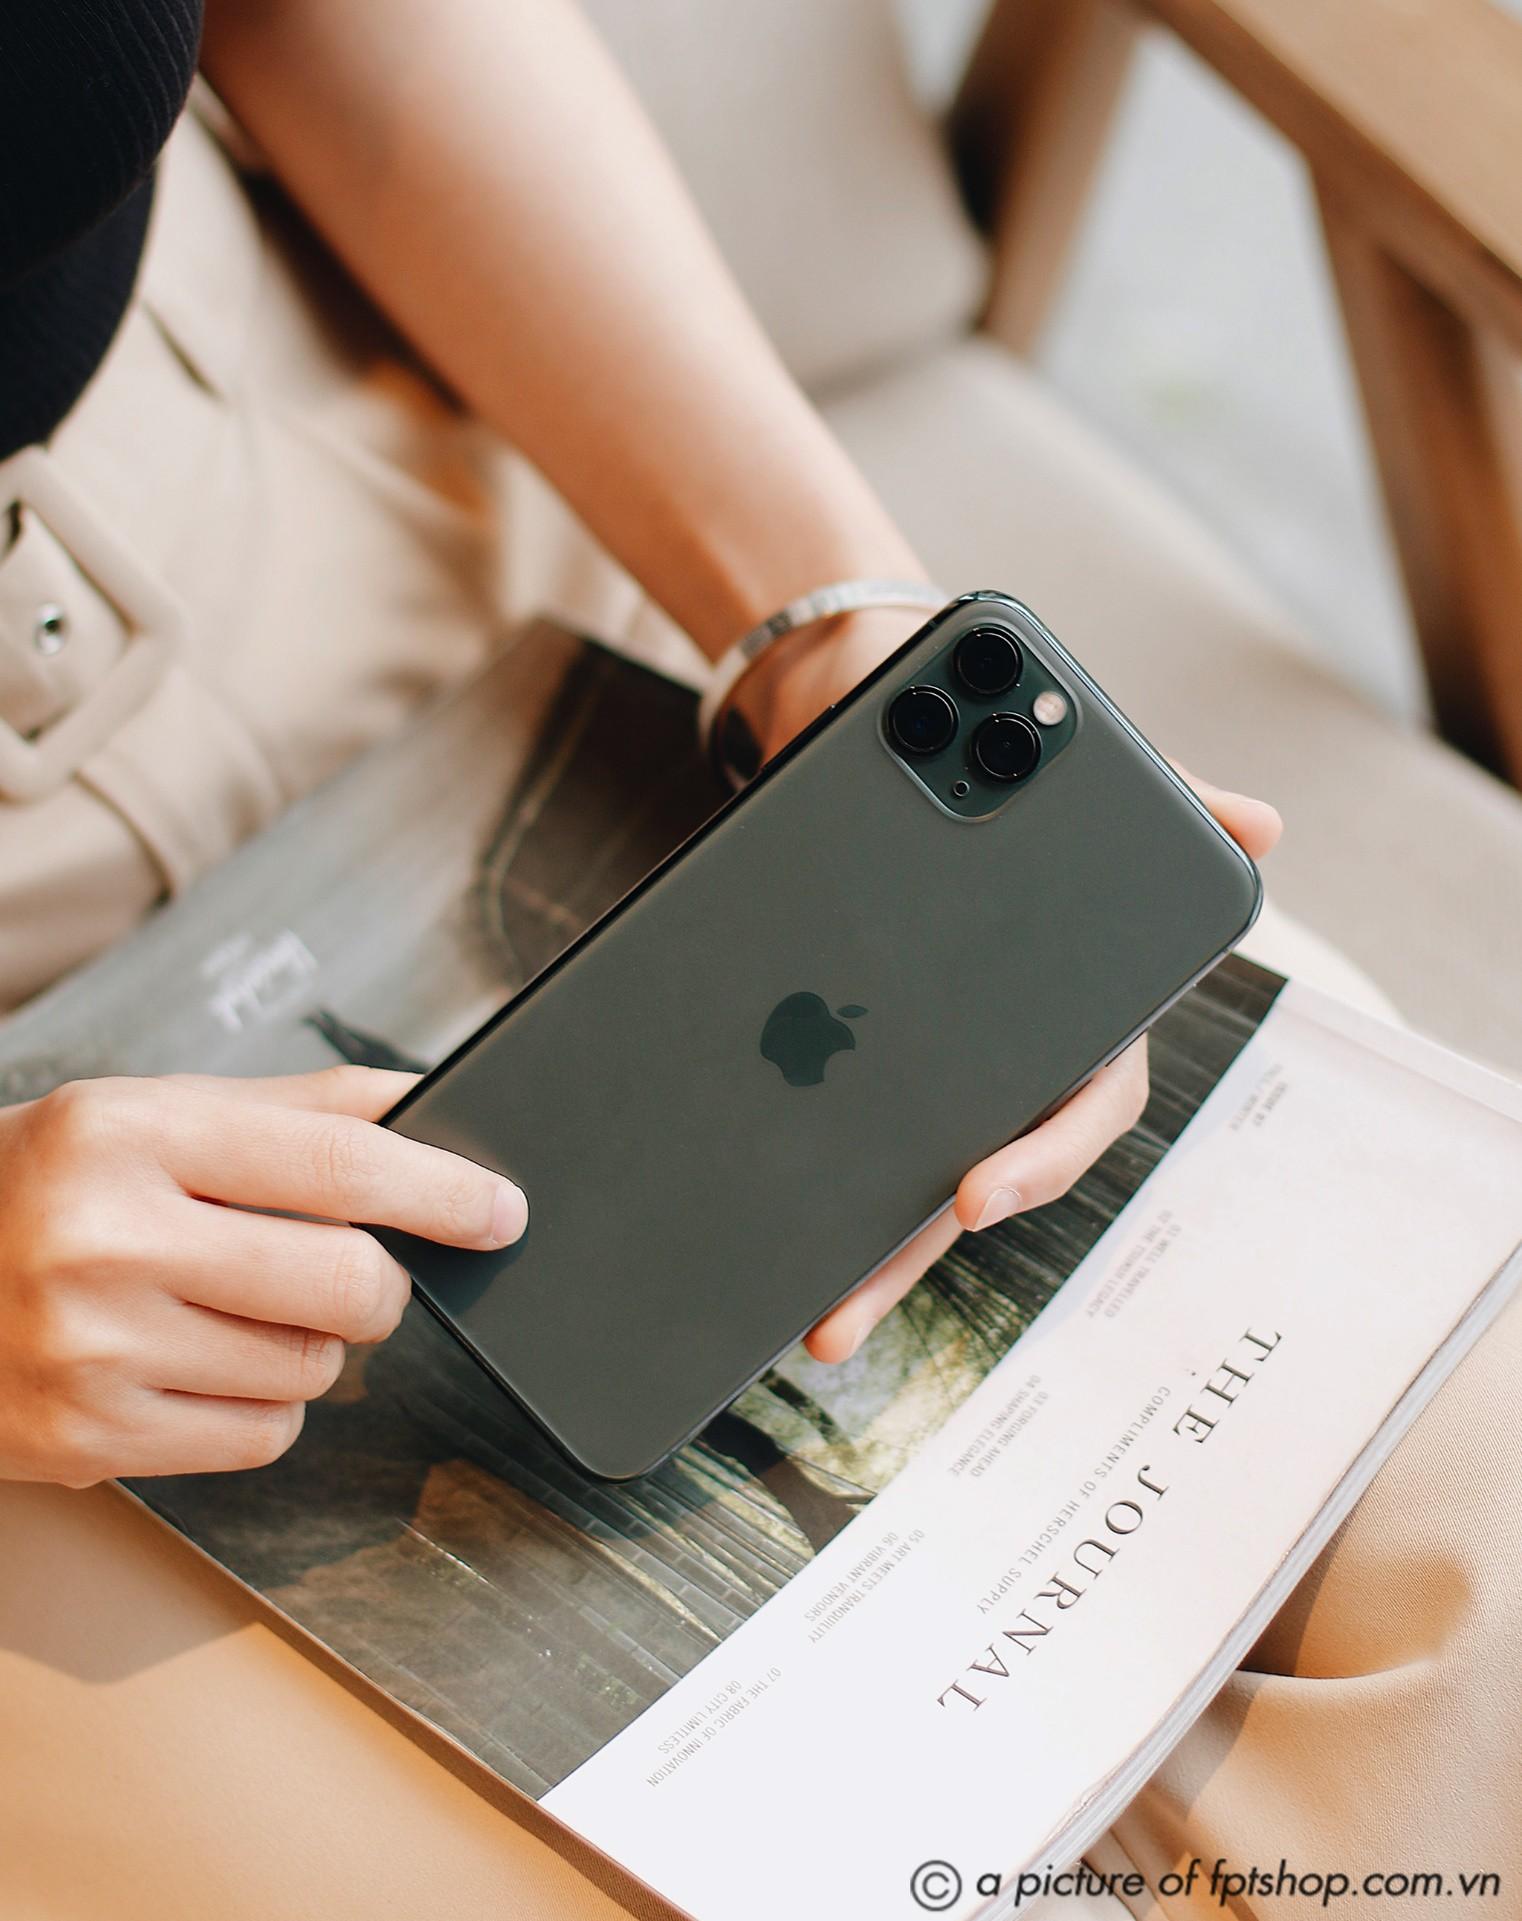 Nhân đôi bảo hành khi đặt trước iPhone 11, 11 Pro, 11 Pro Max chính hãng tại FPT Shop - Ảnh 3.